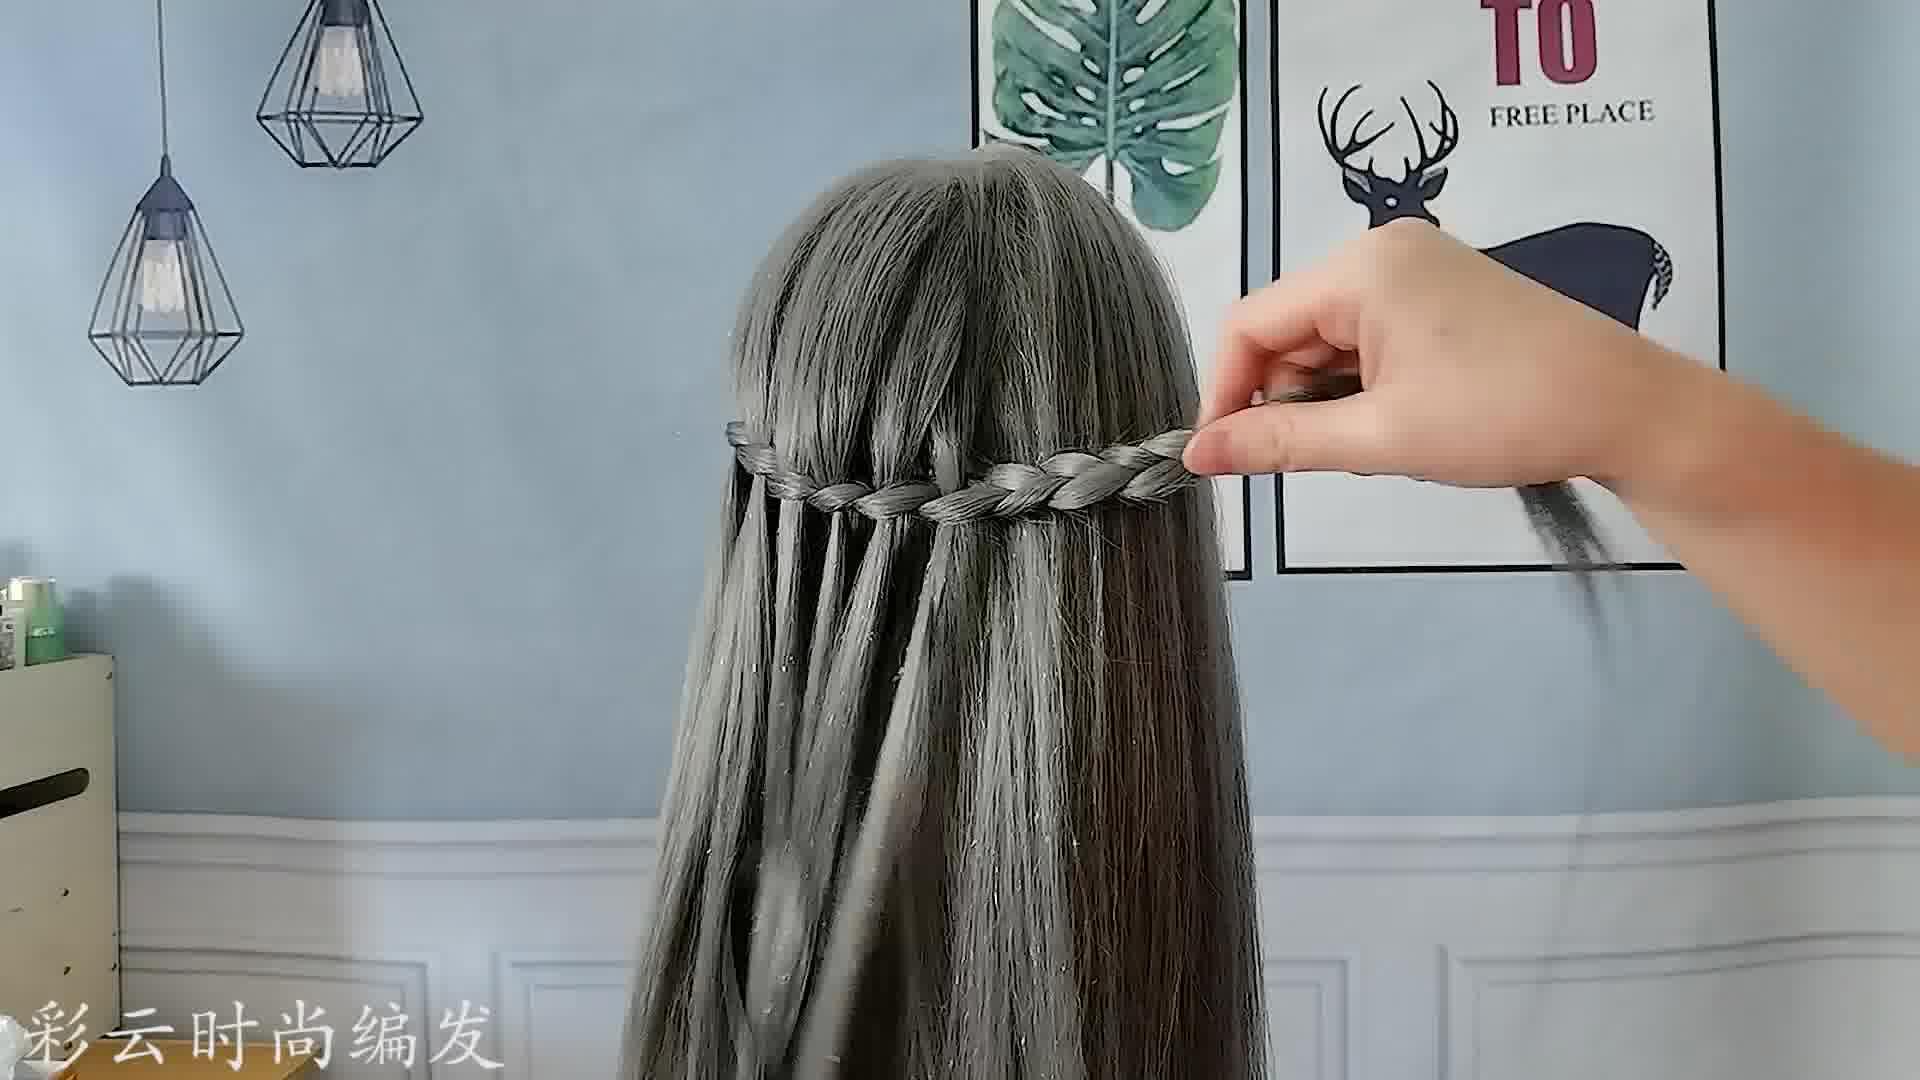 手把手教你一款异域风情的发型,优雅显气质,女神范十足